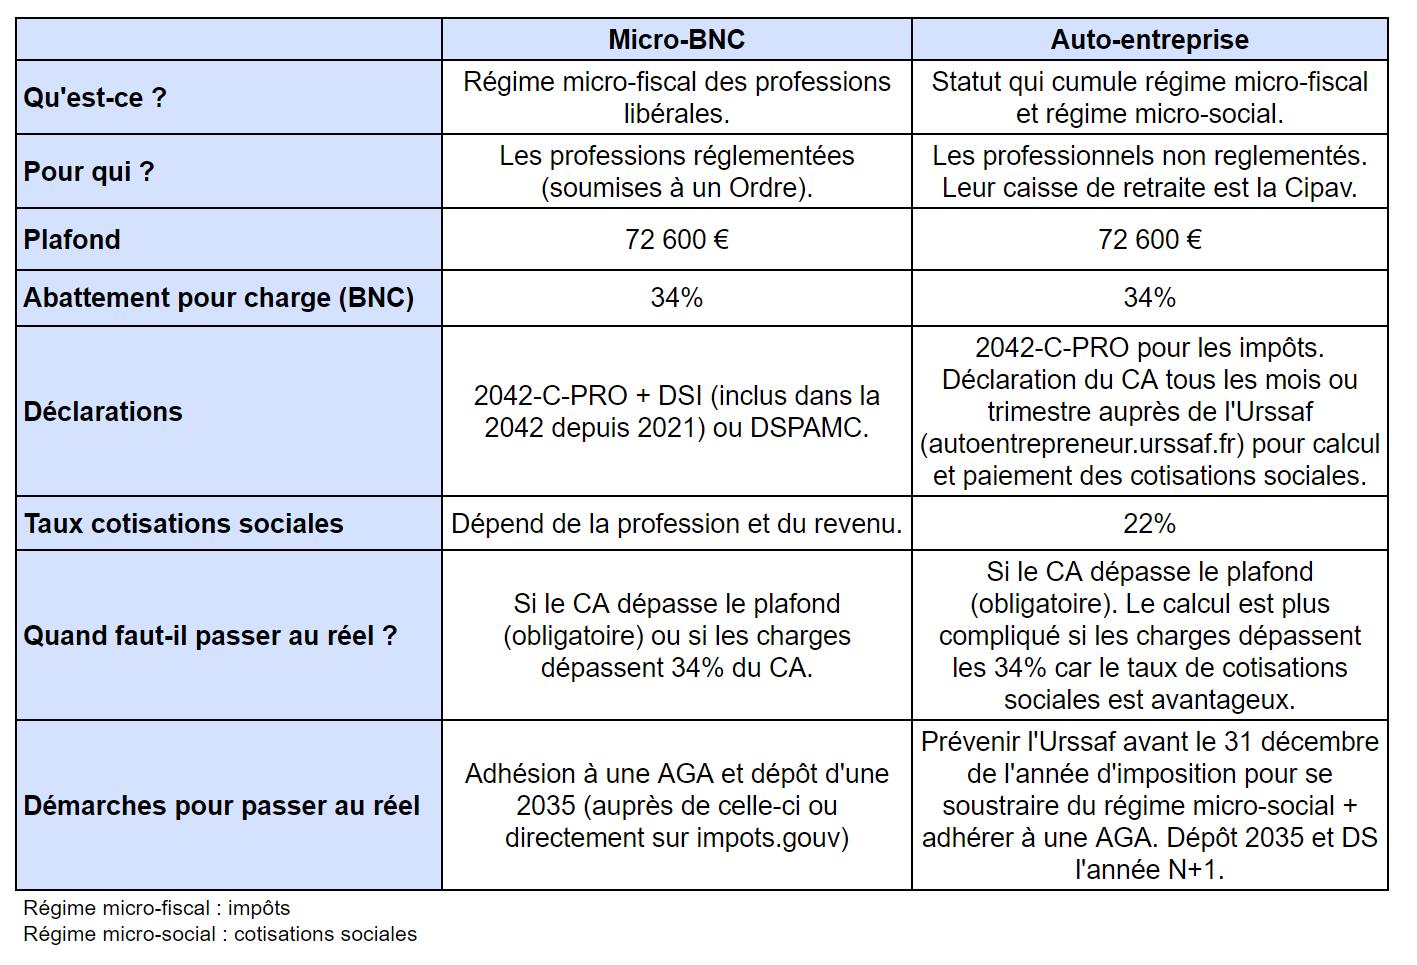 Tableau récapitulatif des différences entre micro-BNC et auto-entreprise